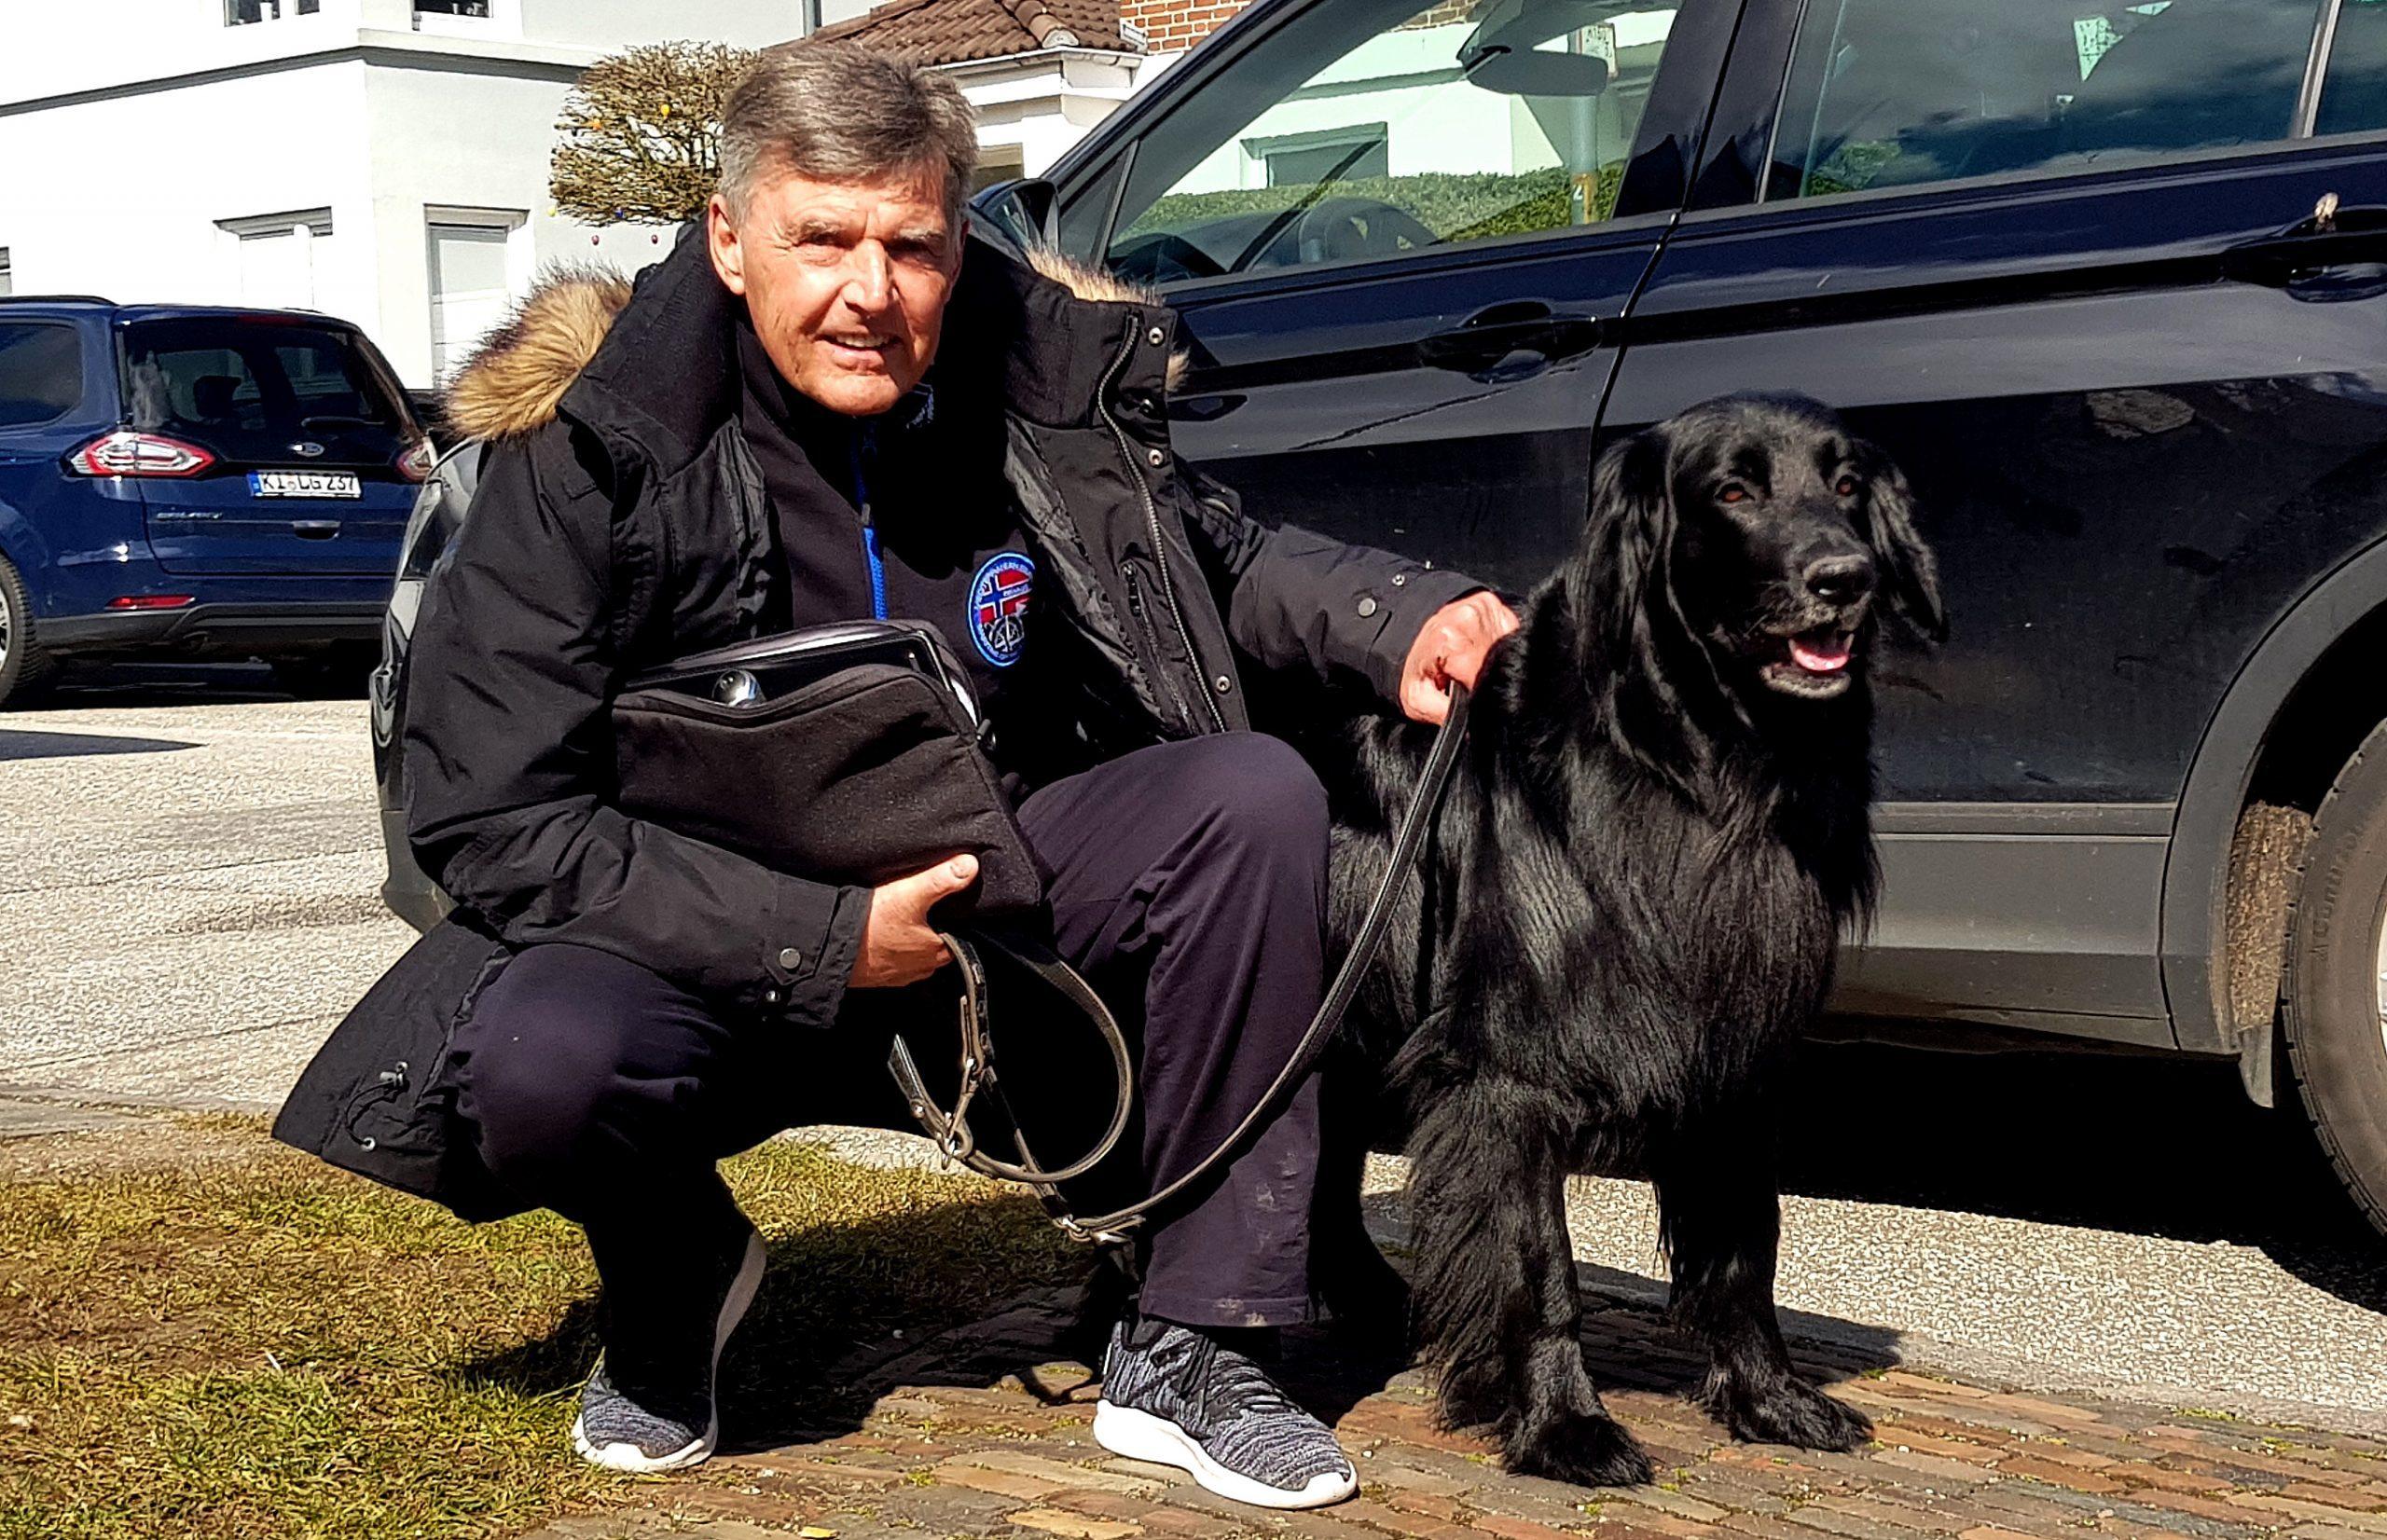 20200330 Holsteins Urgestein Harry Witt vor seinem Haus an der Forstbaumschule in Kiel 03